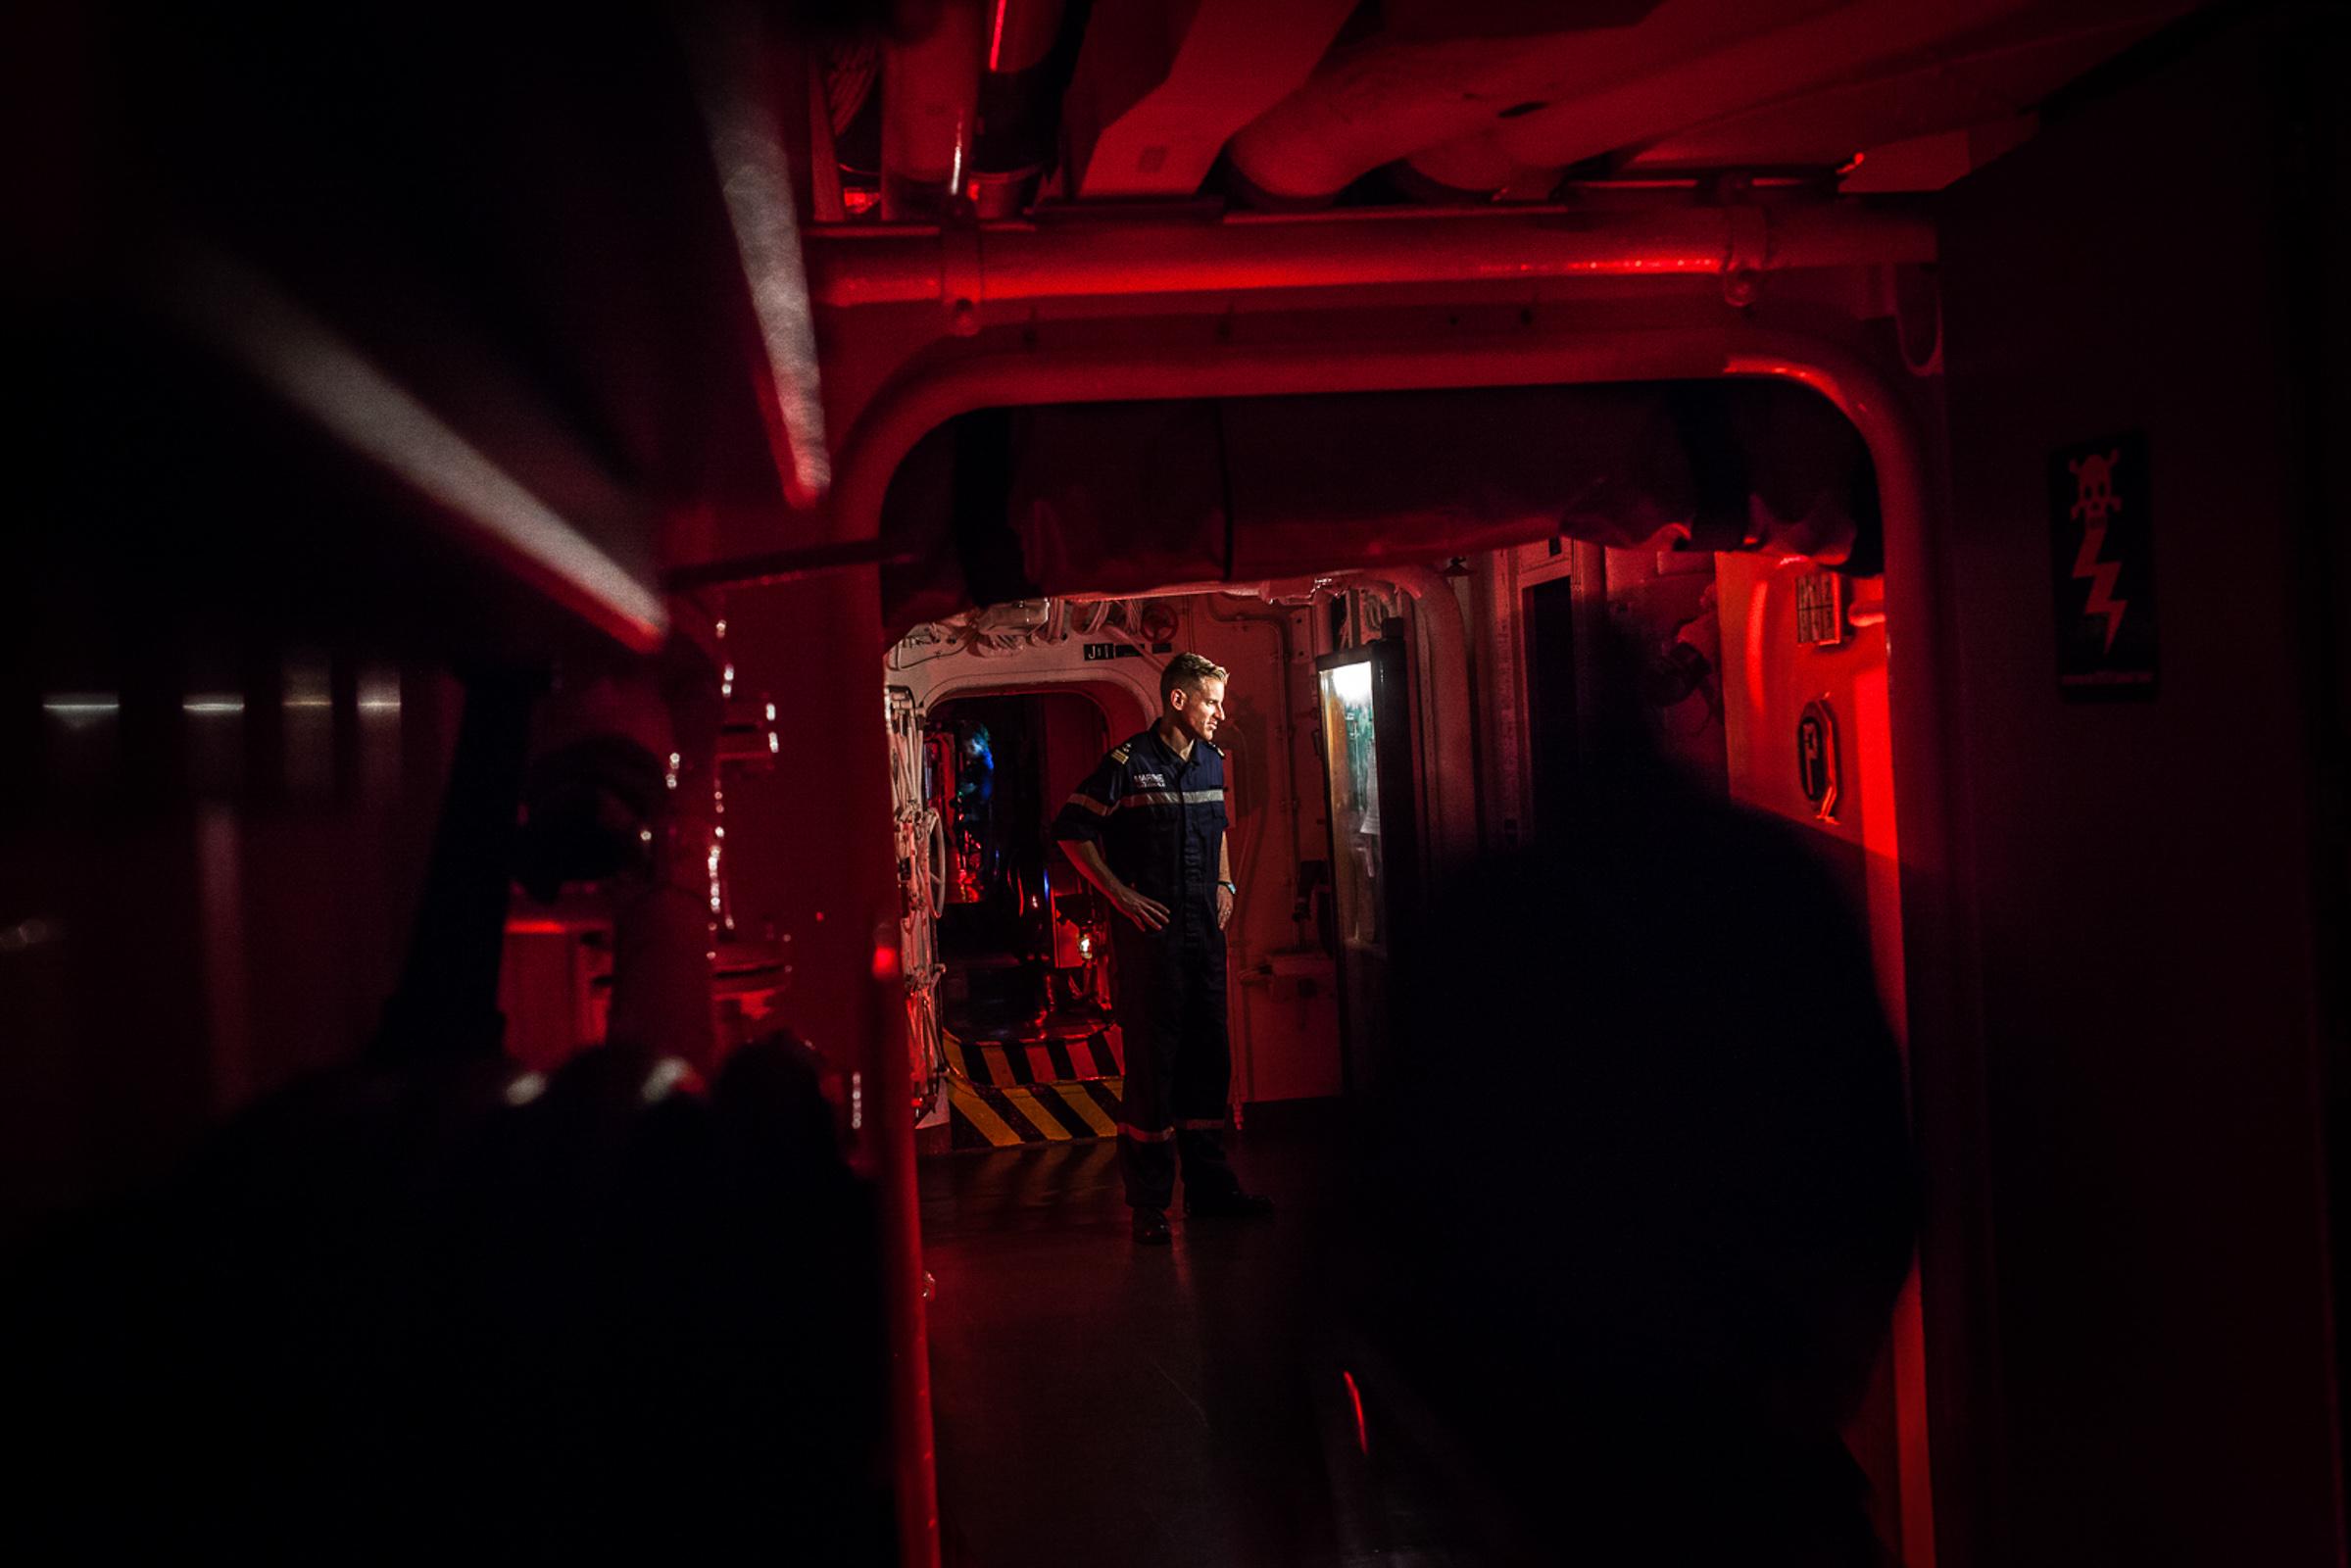 """Mer méditerrannée, 30.11.2015. Tour de garde nocturne à bord de la frégate anti-aérienne le """"Jean bart""""."""